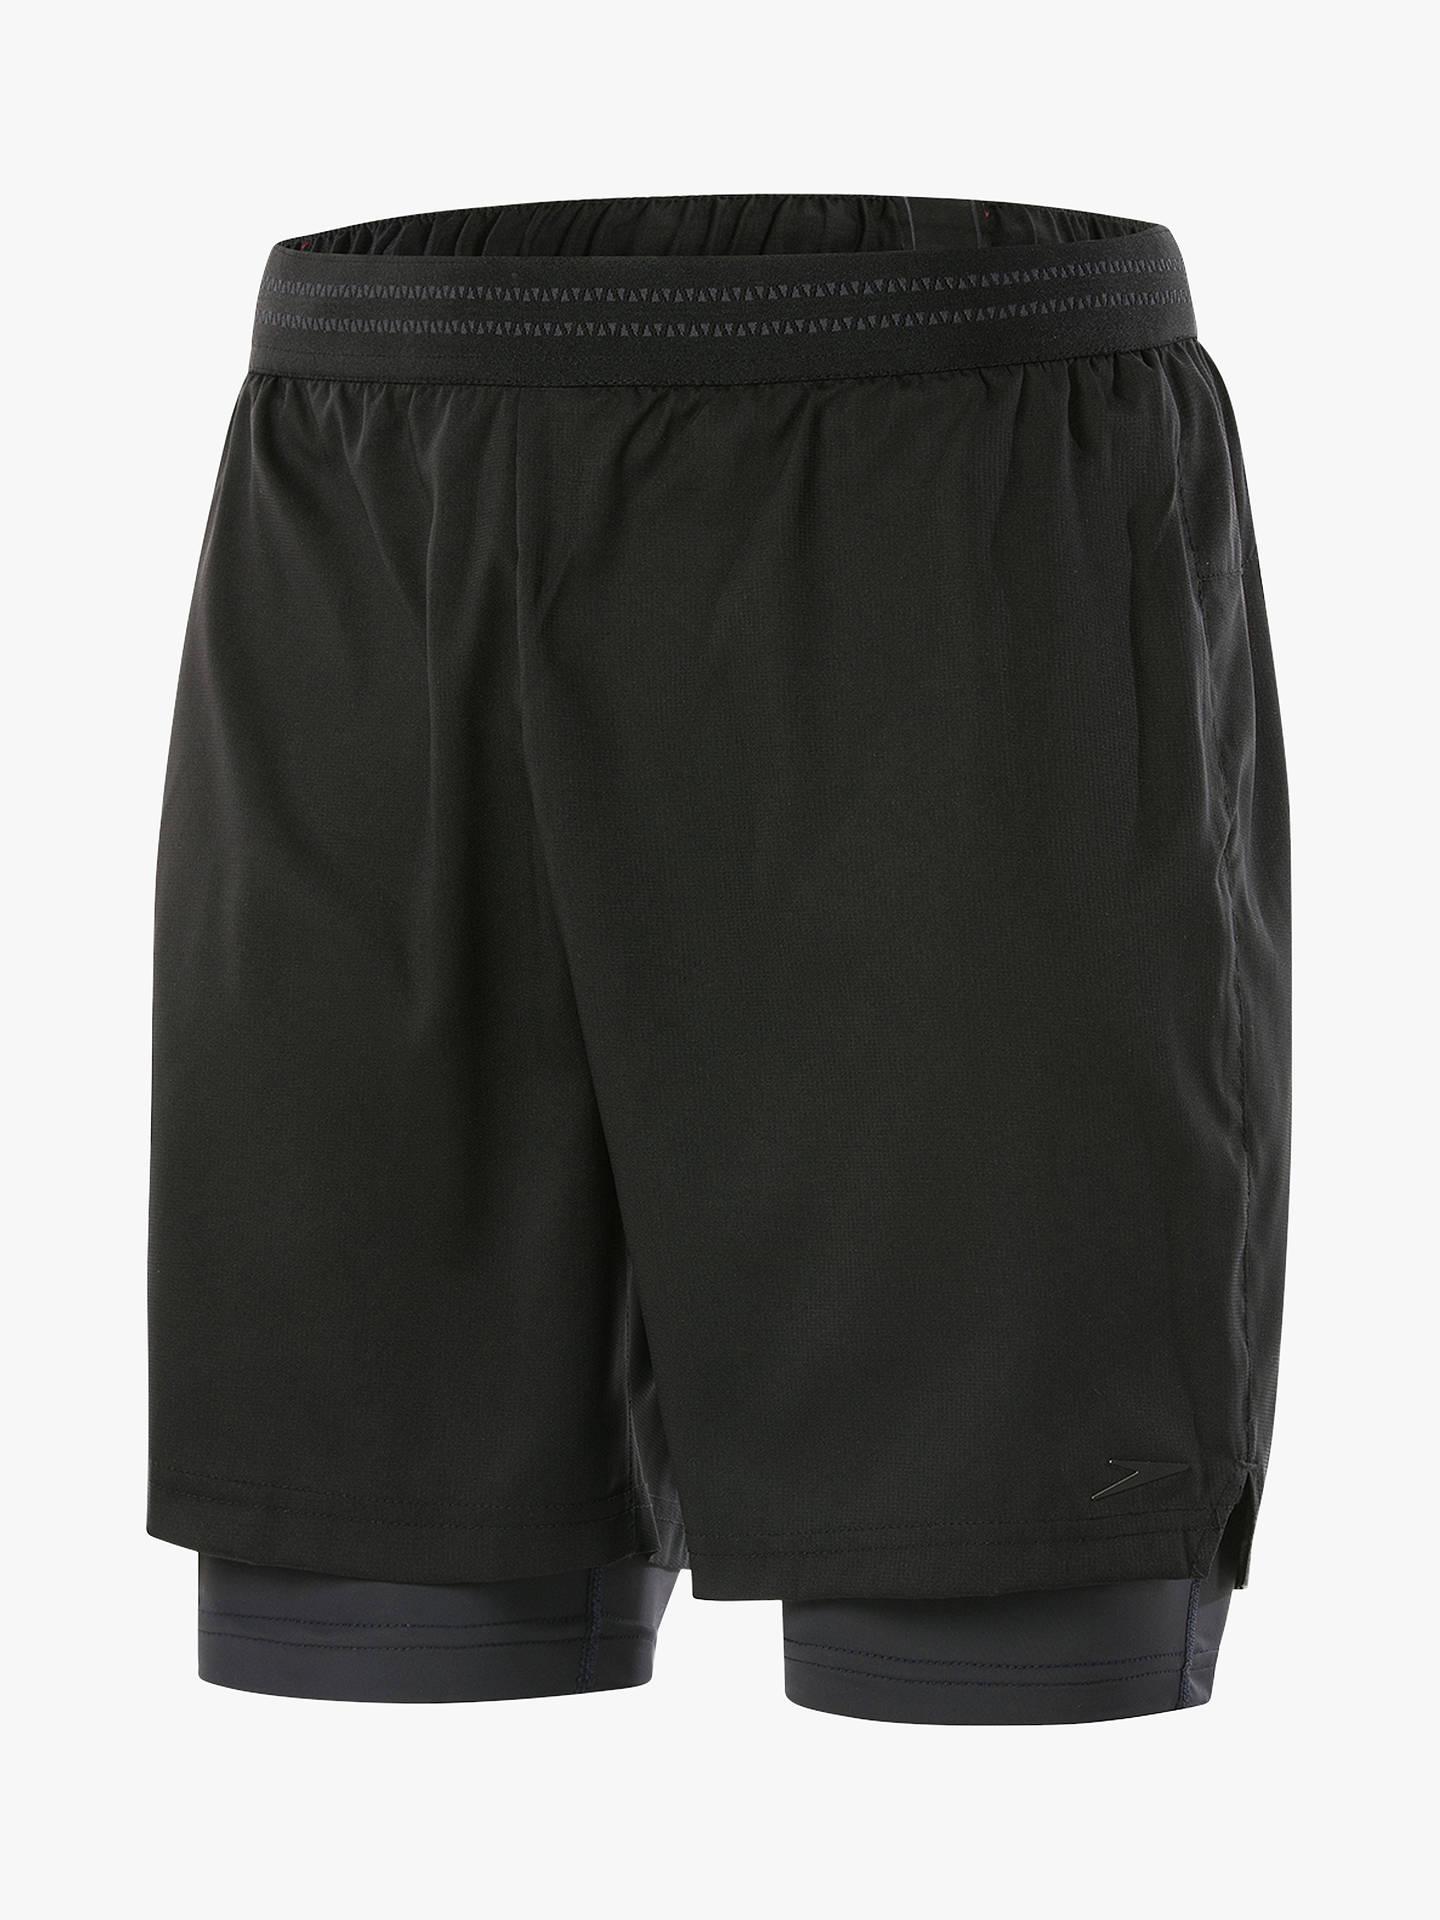 410ff64589 Buy Speedo ReflectWave Flex 2-in-1 Swim Shorts, Black, M Online ...